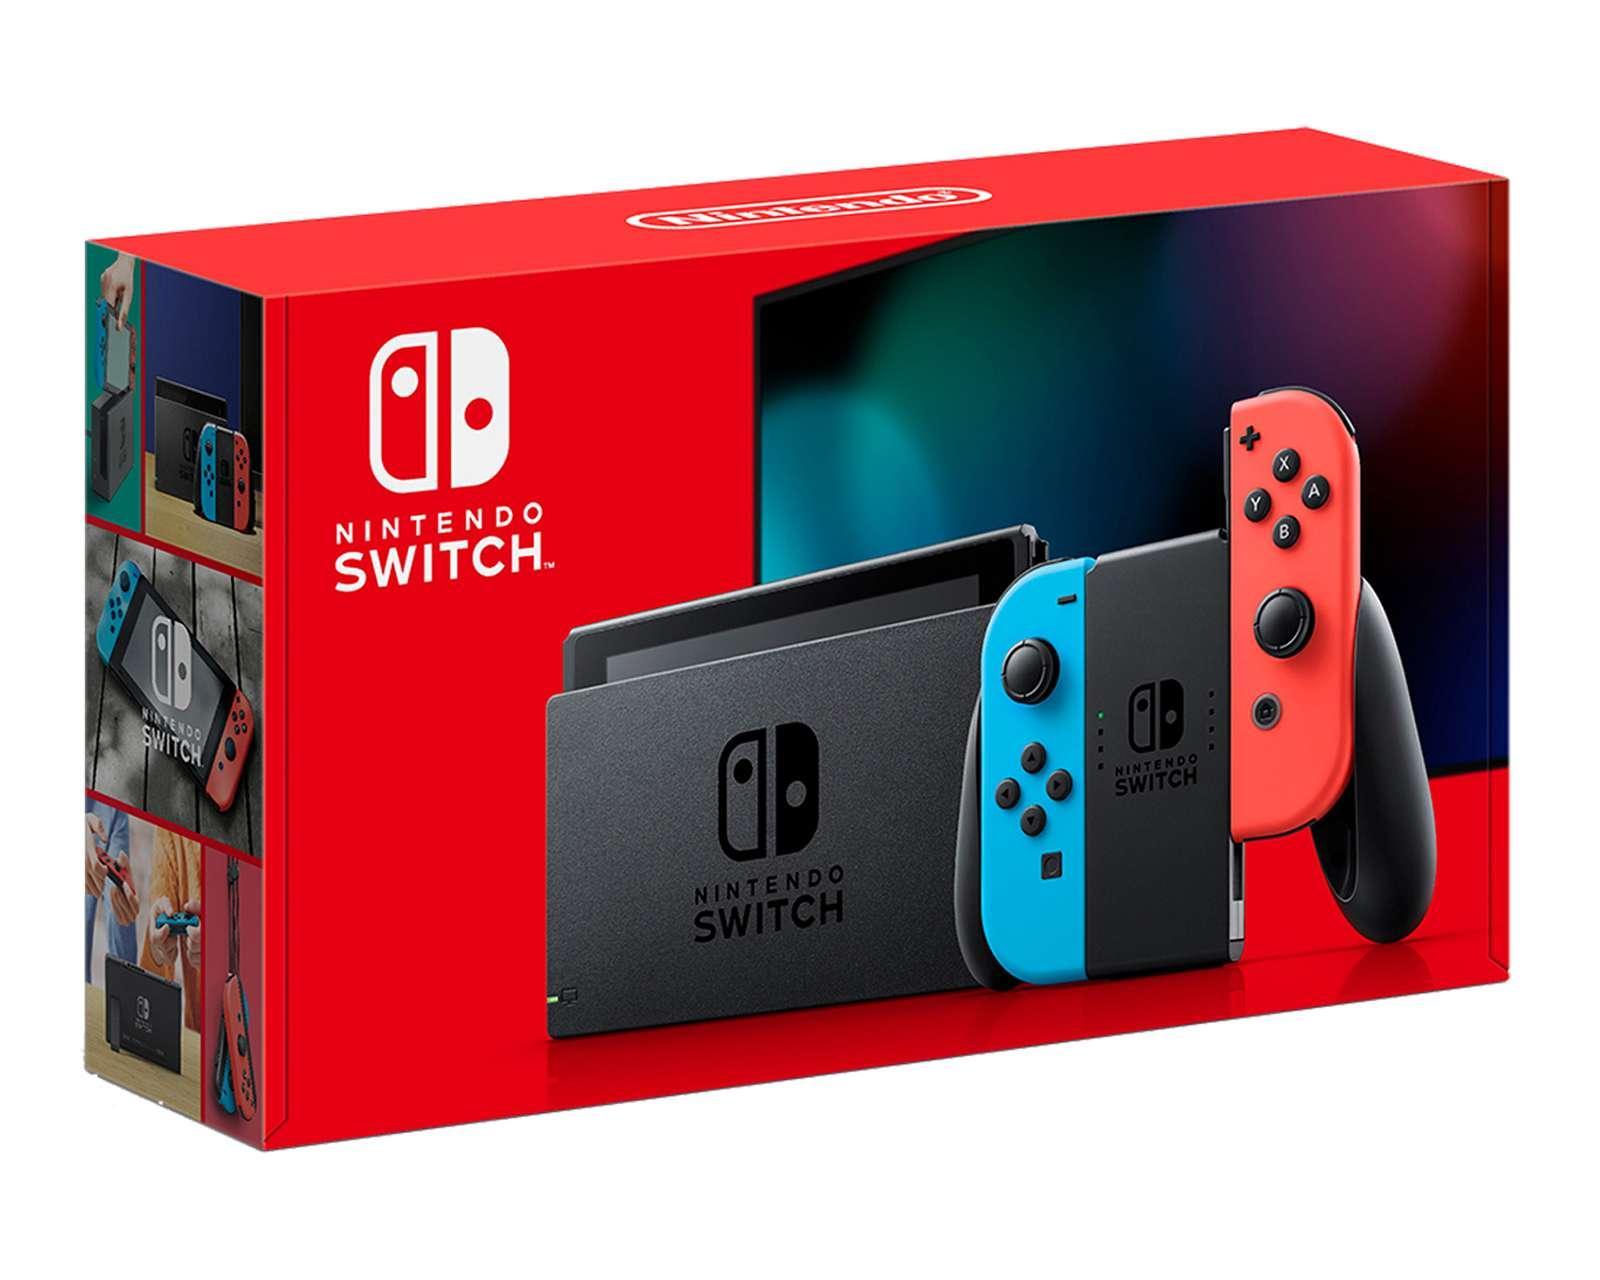 Nintendo Switch vende más que PS5 durante la temporada navideña de COVID